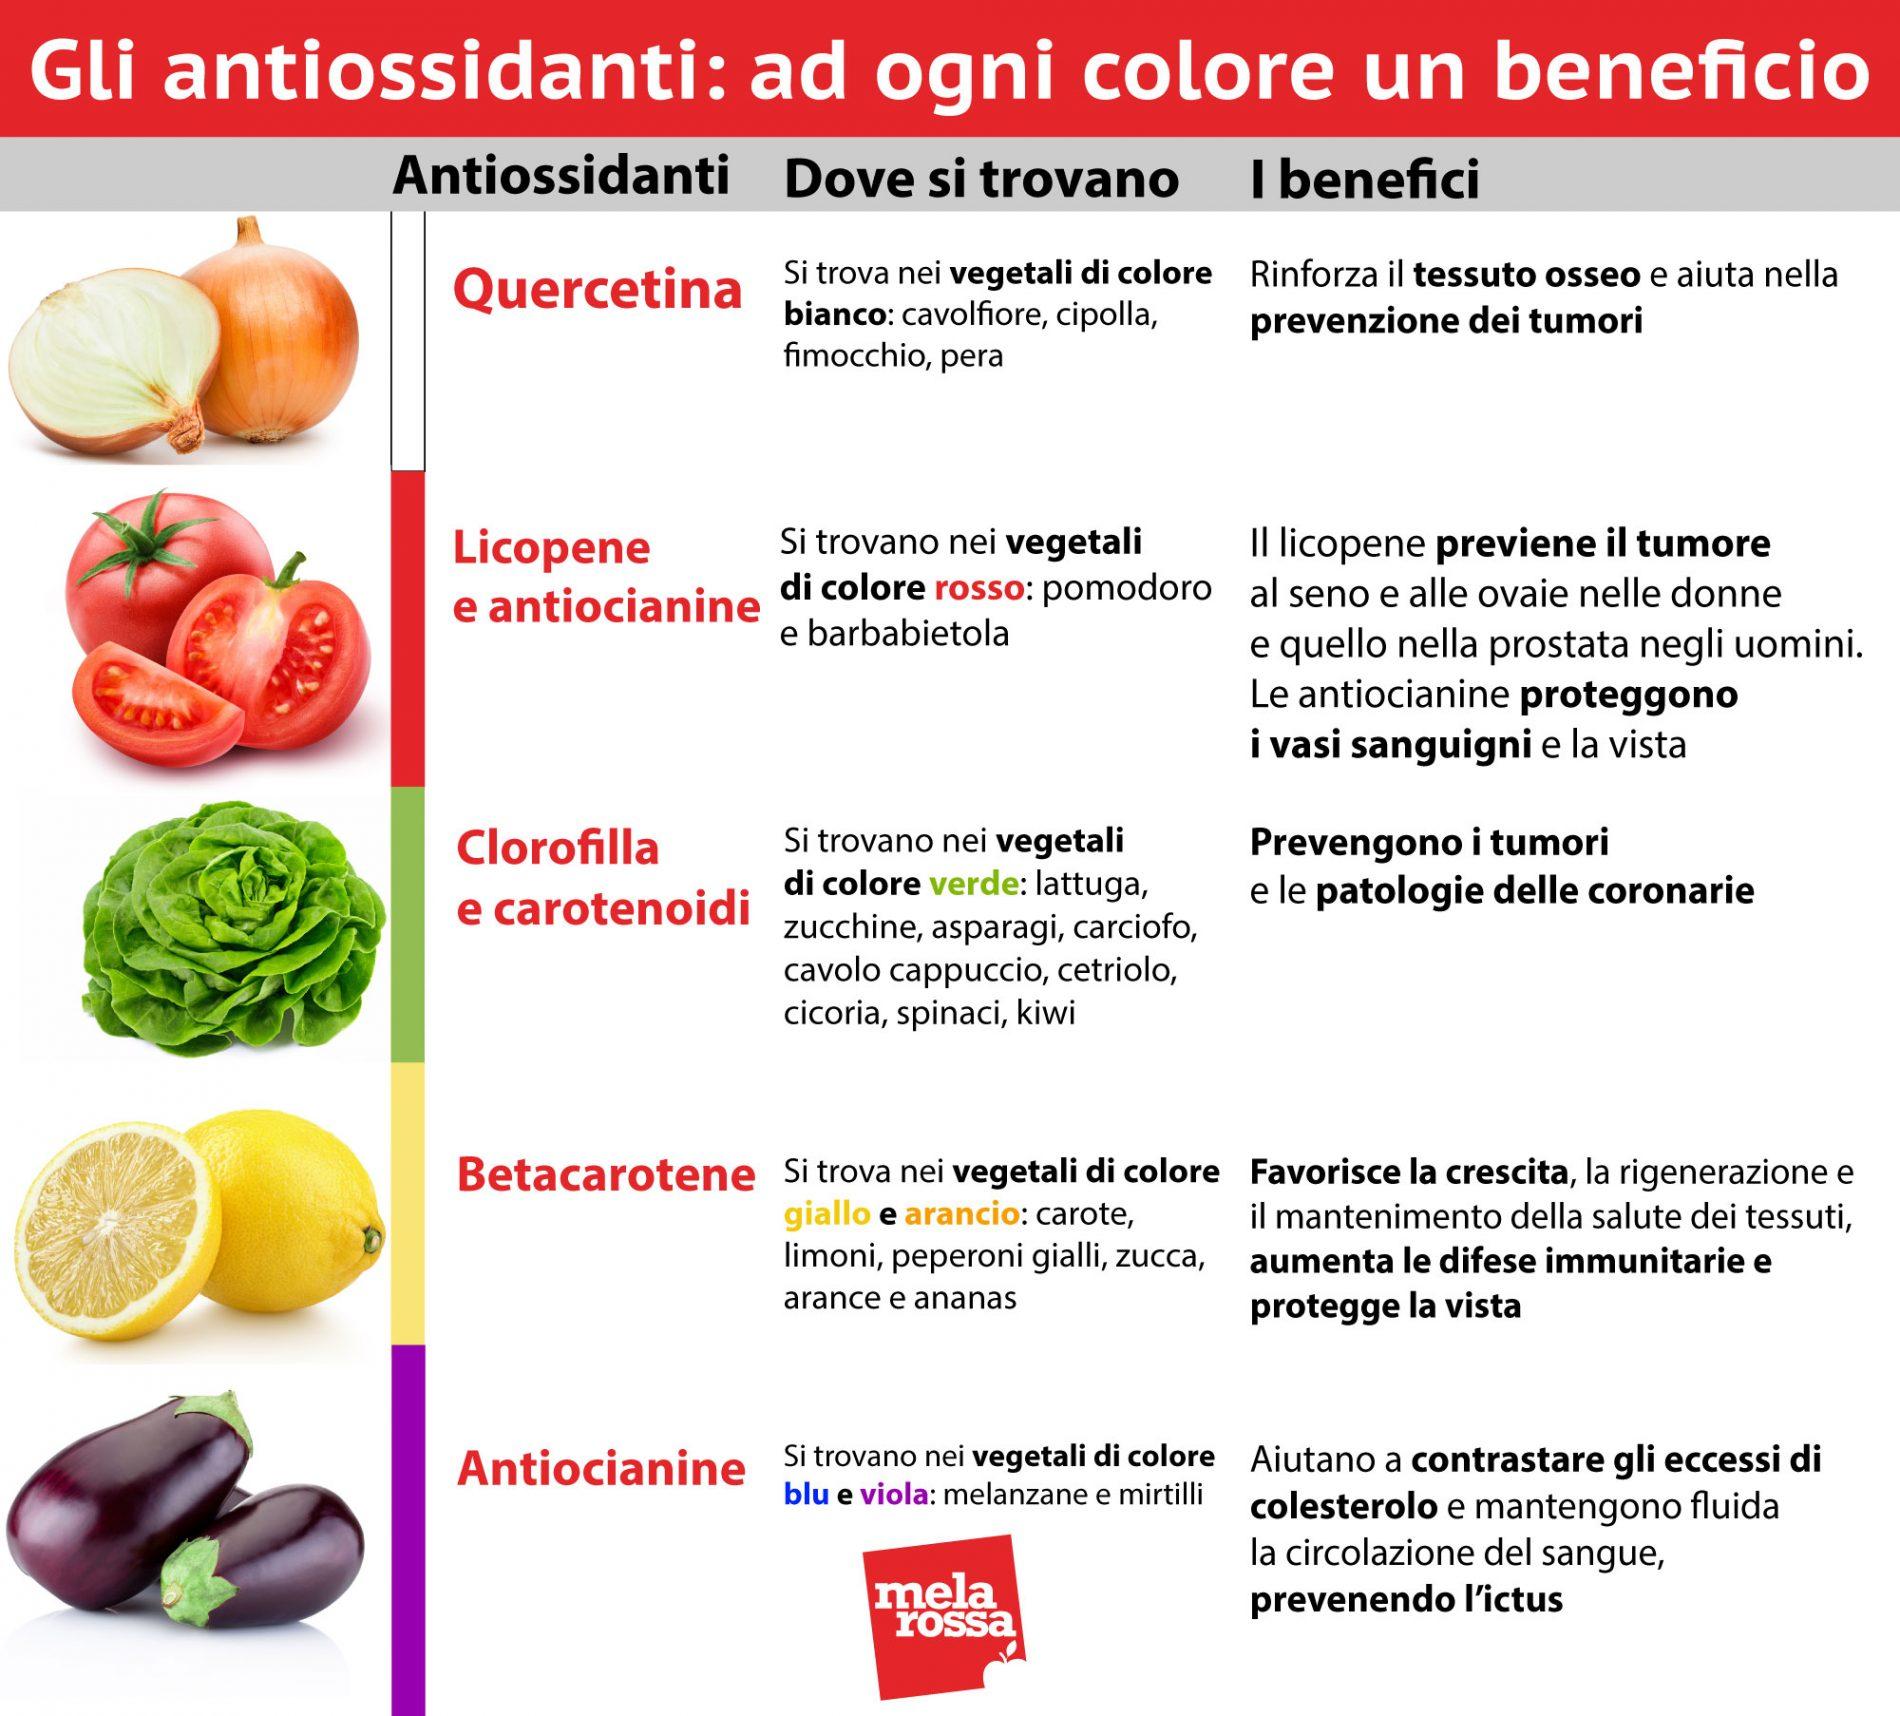 antiossidanti, come farne il pieno